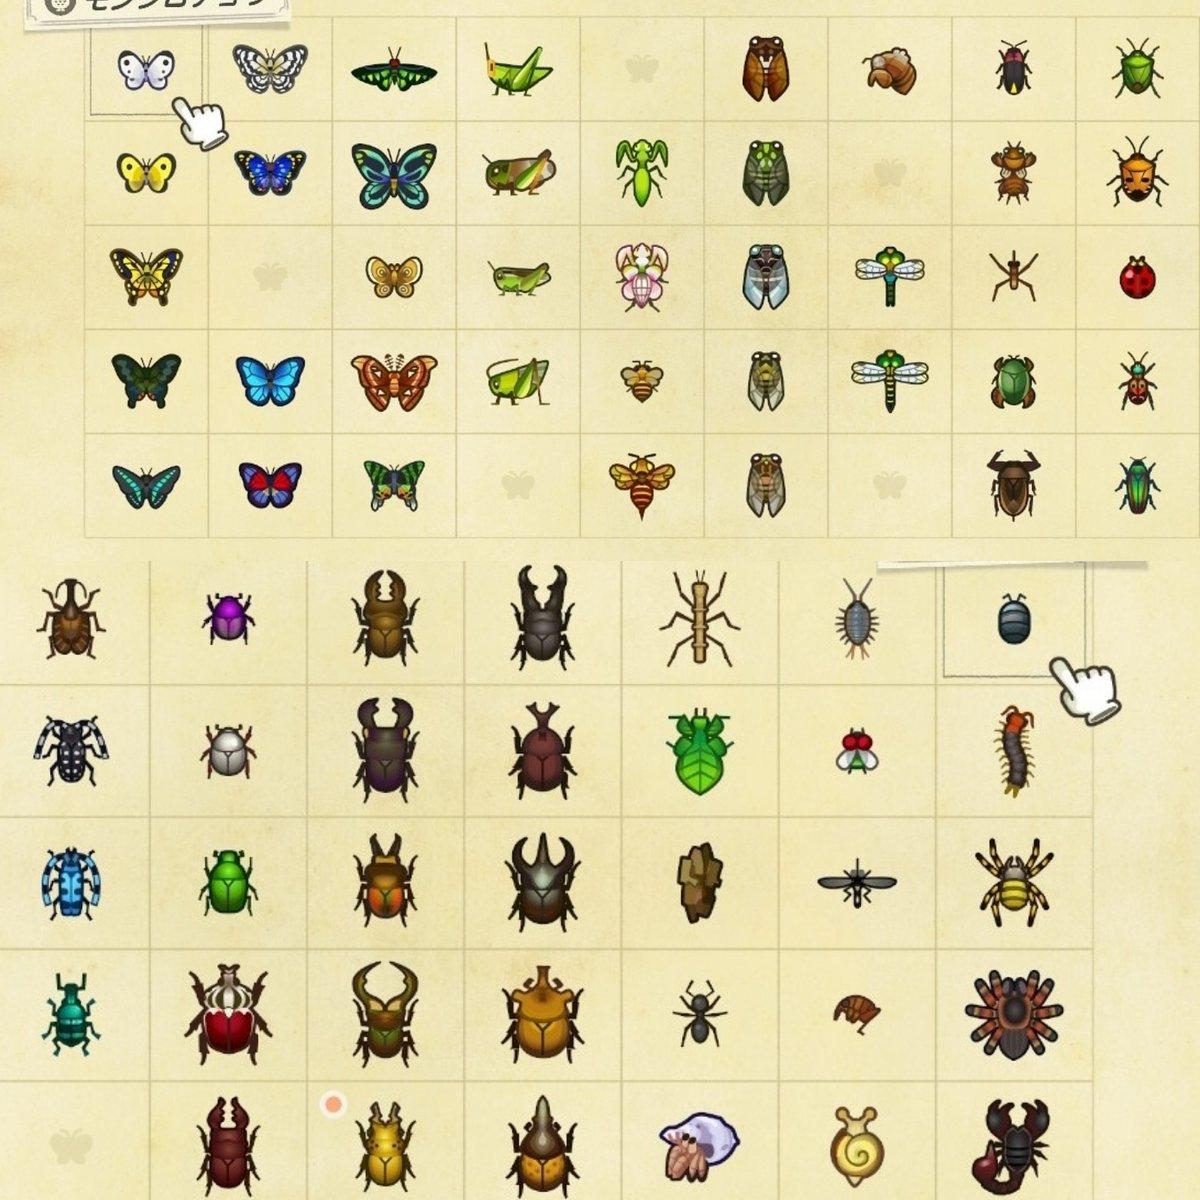 あつ 森 虫 図鑑 【あつまれどうぶつの森】<全種完成>虫の生息場所と出現時期一覧|...